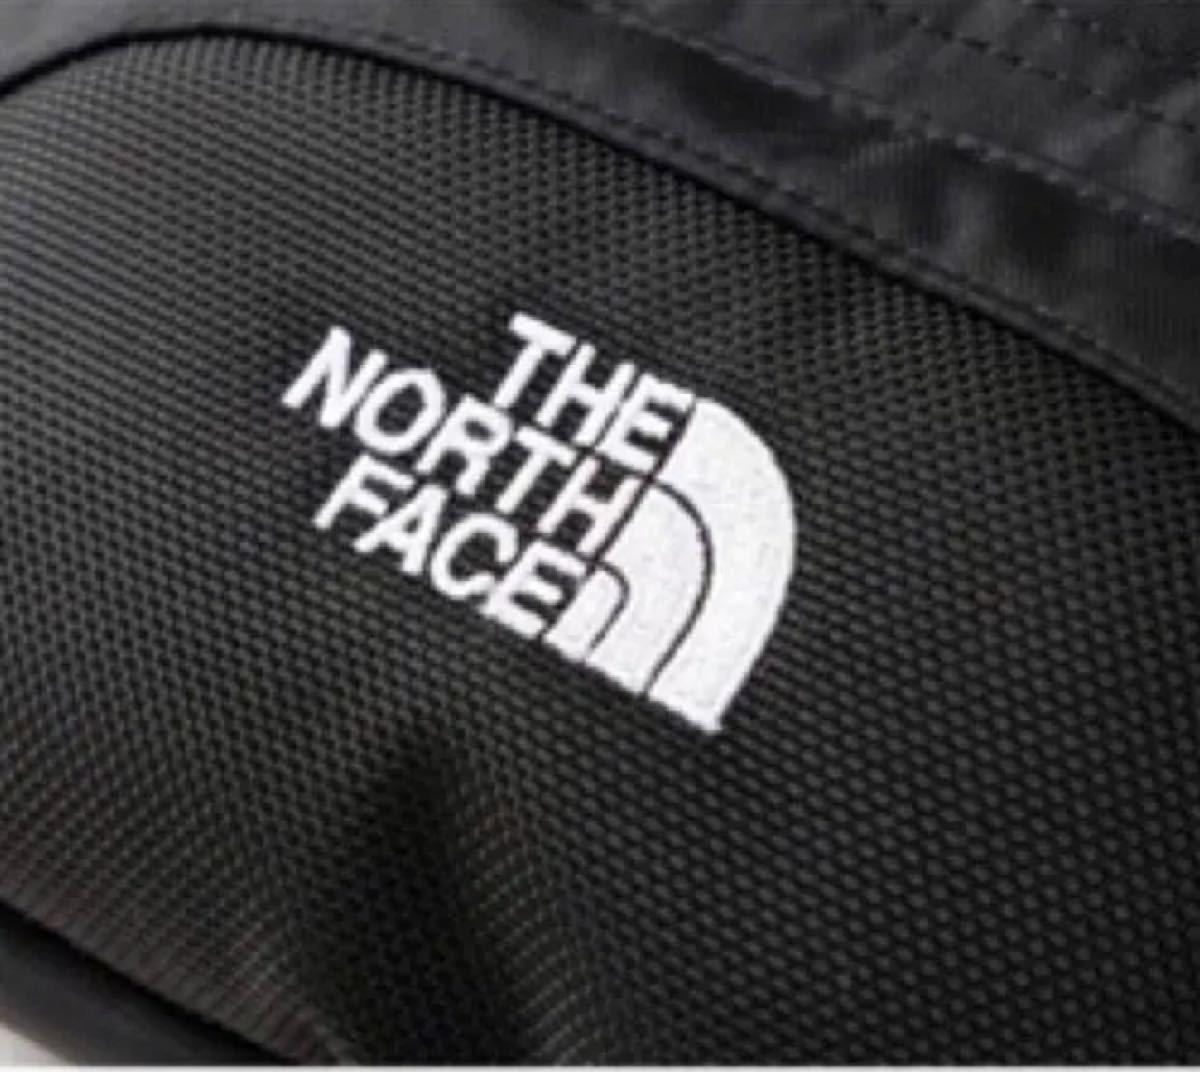 THE NORTH FACE 正規品ノースフェイス グラニュール ブラック 新品 ウエストバッグ ウエストポーチ ボディバッグ